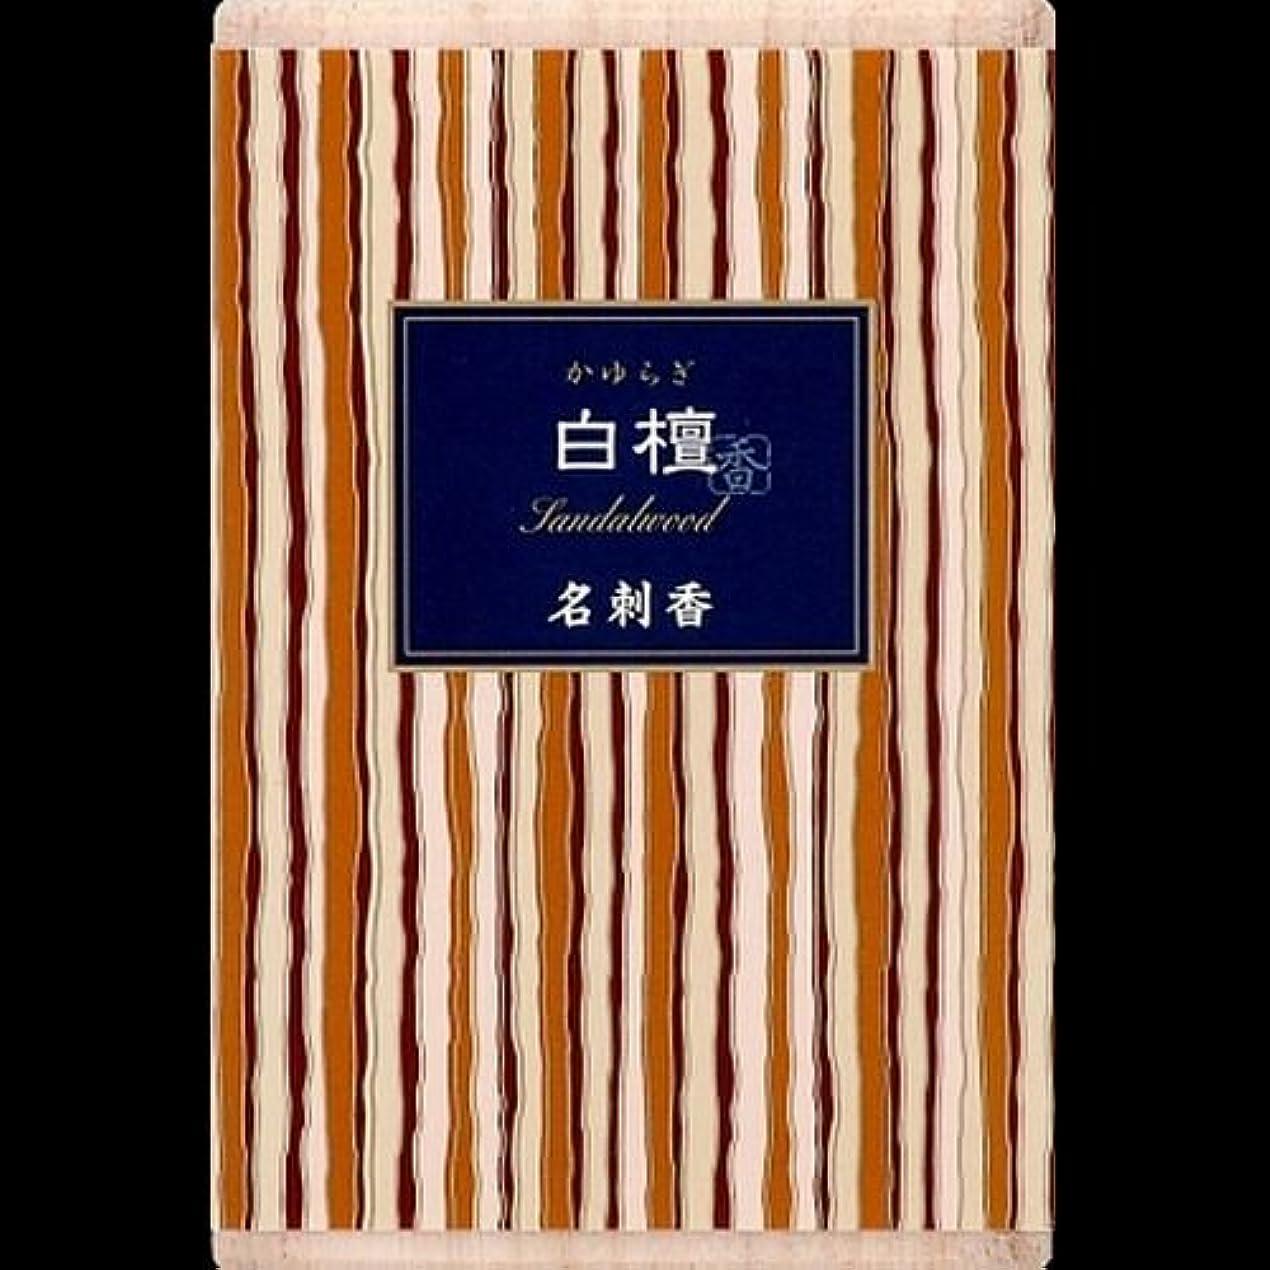 なので背骨モットー【まとめ買い】かゆらぎ 白檀 名刺香 桐箱 6入 ×2セット